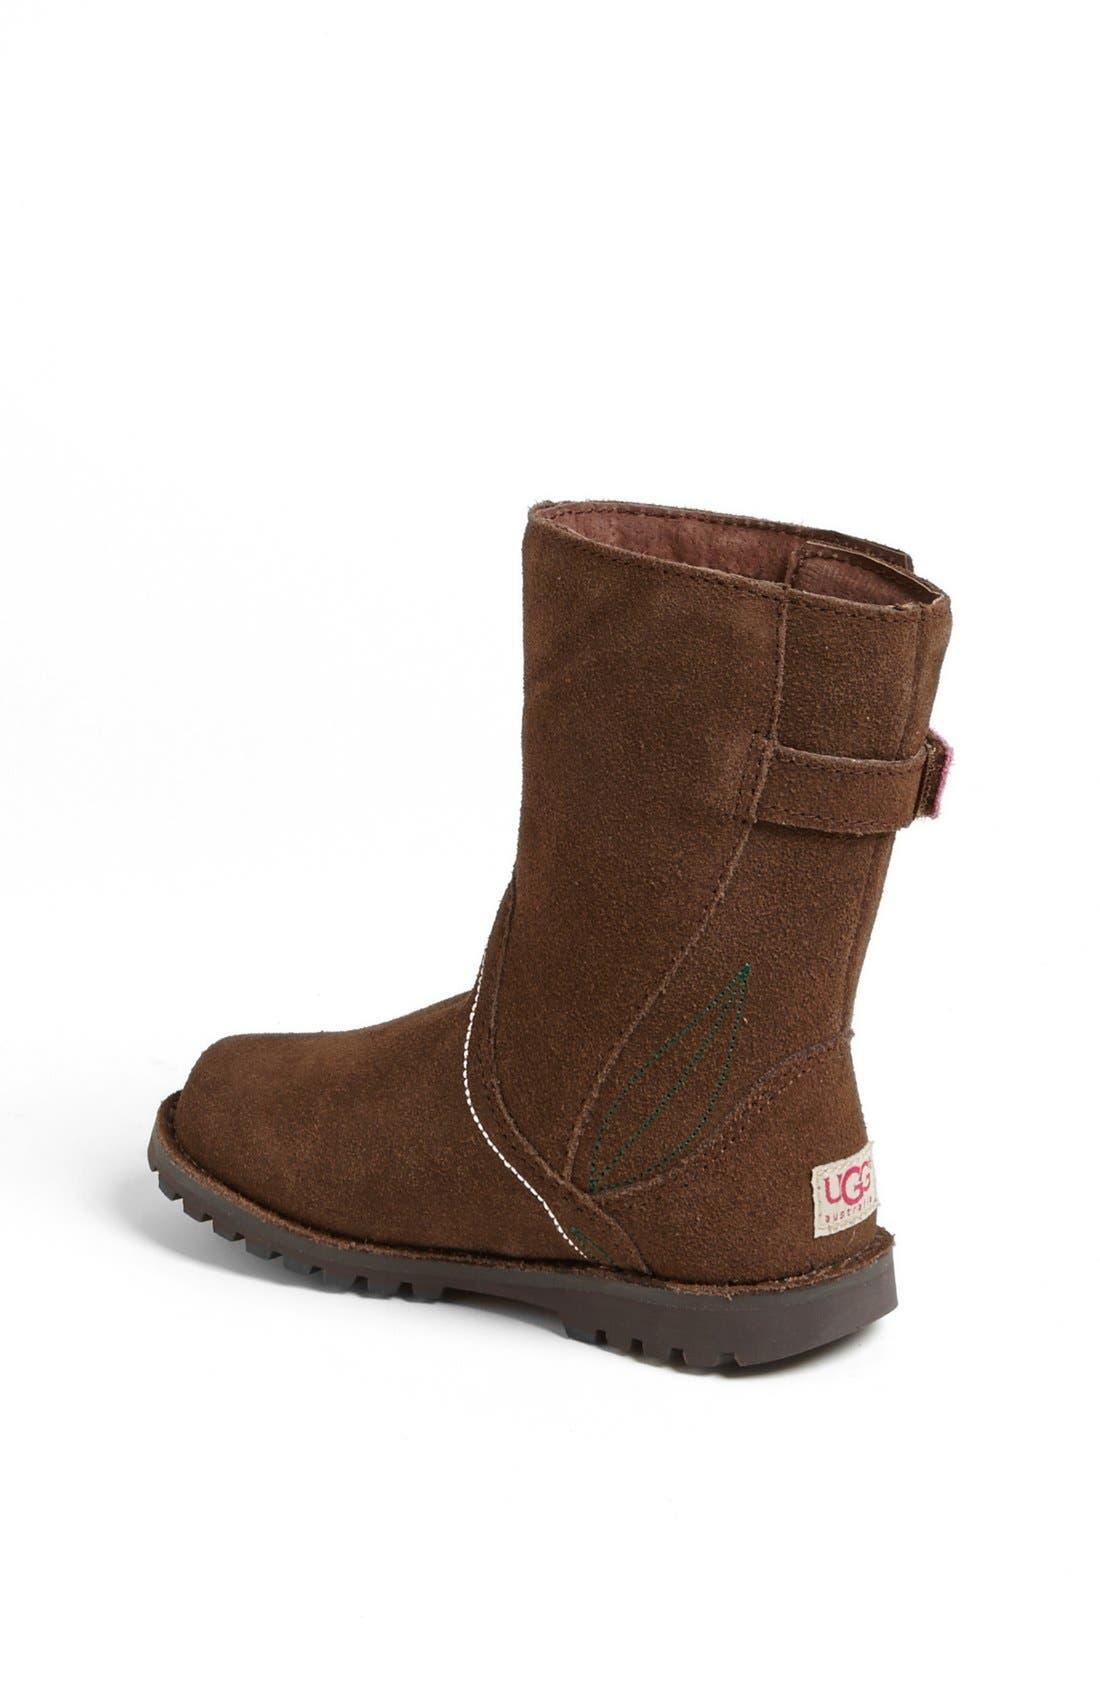 Alternate Image 2  - UGG® Australia 'Blossom' Boot (Walker & Toddler)